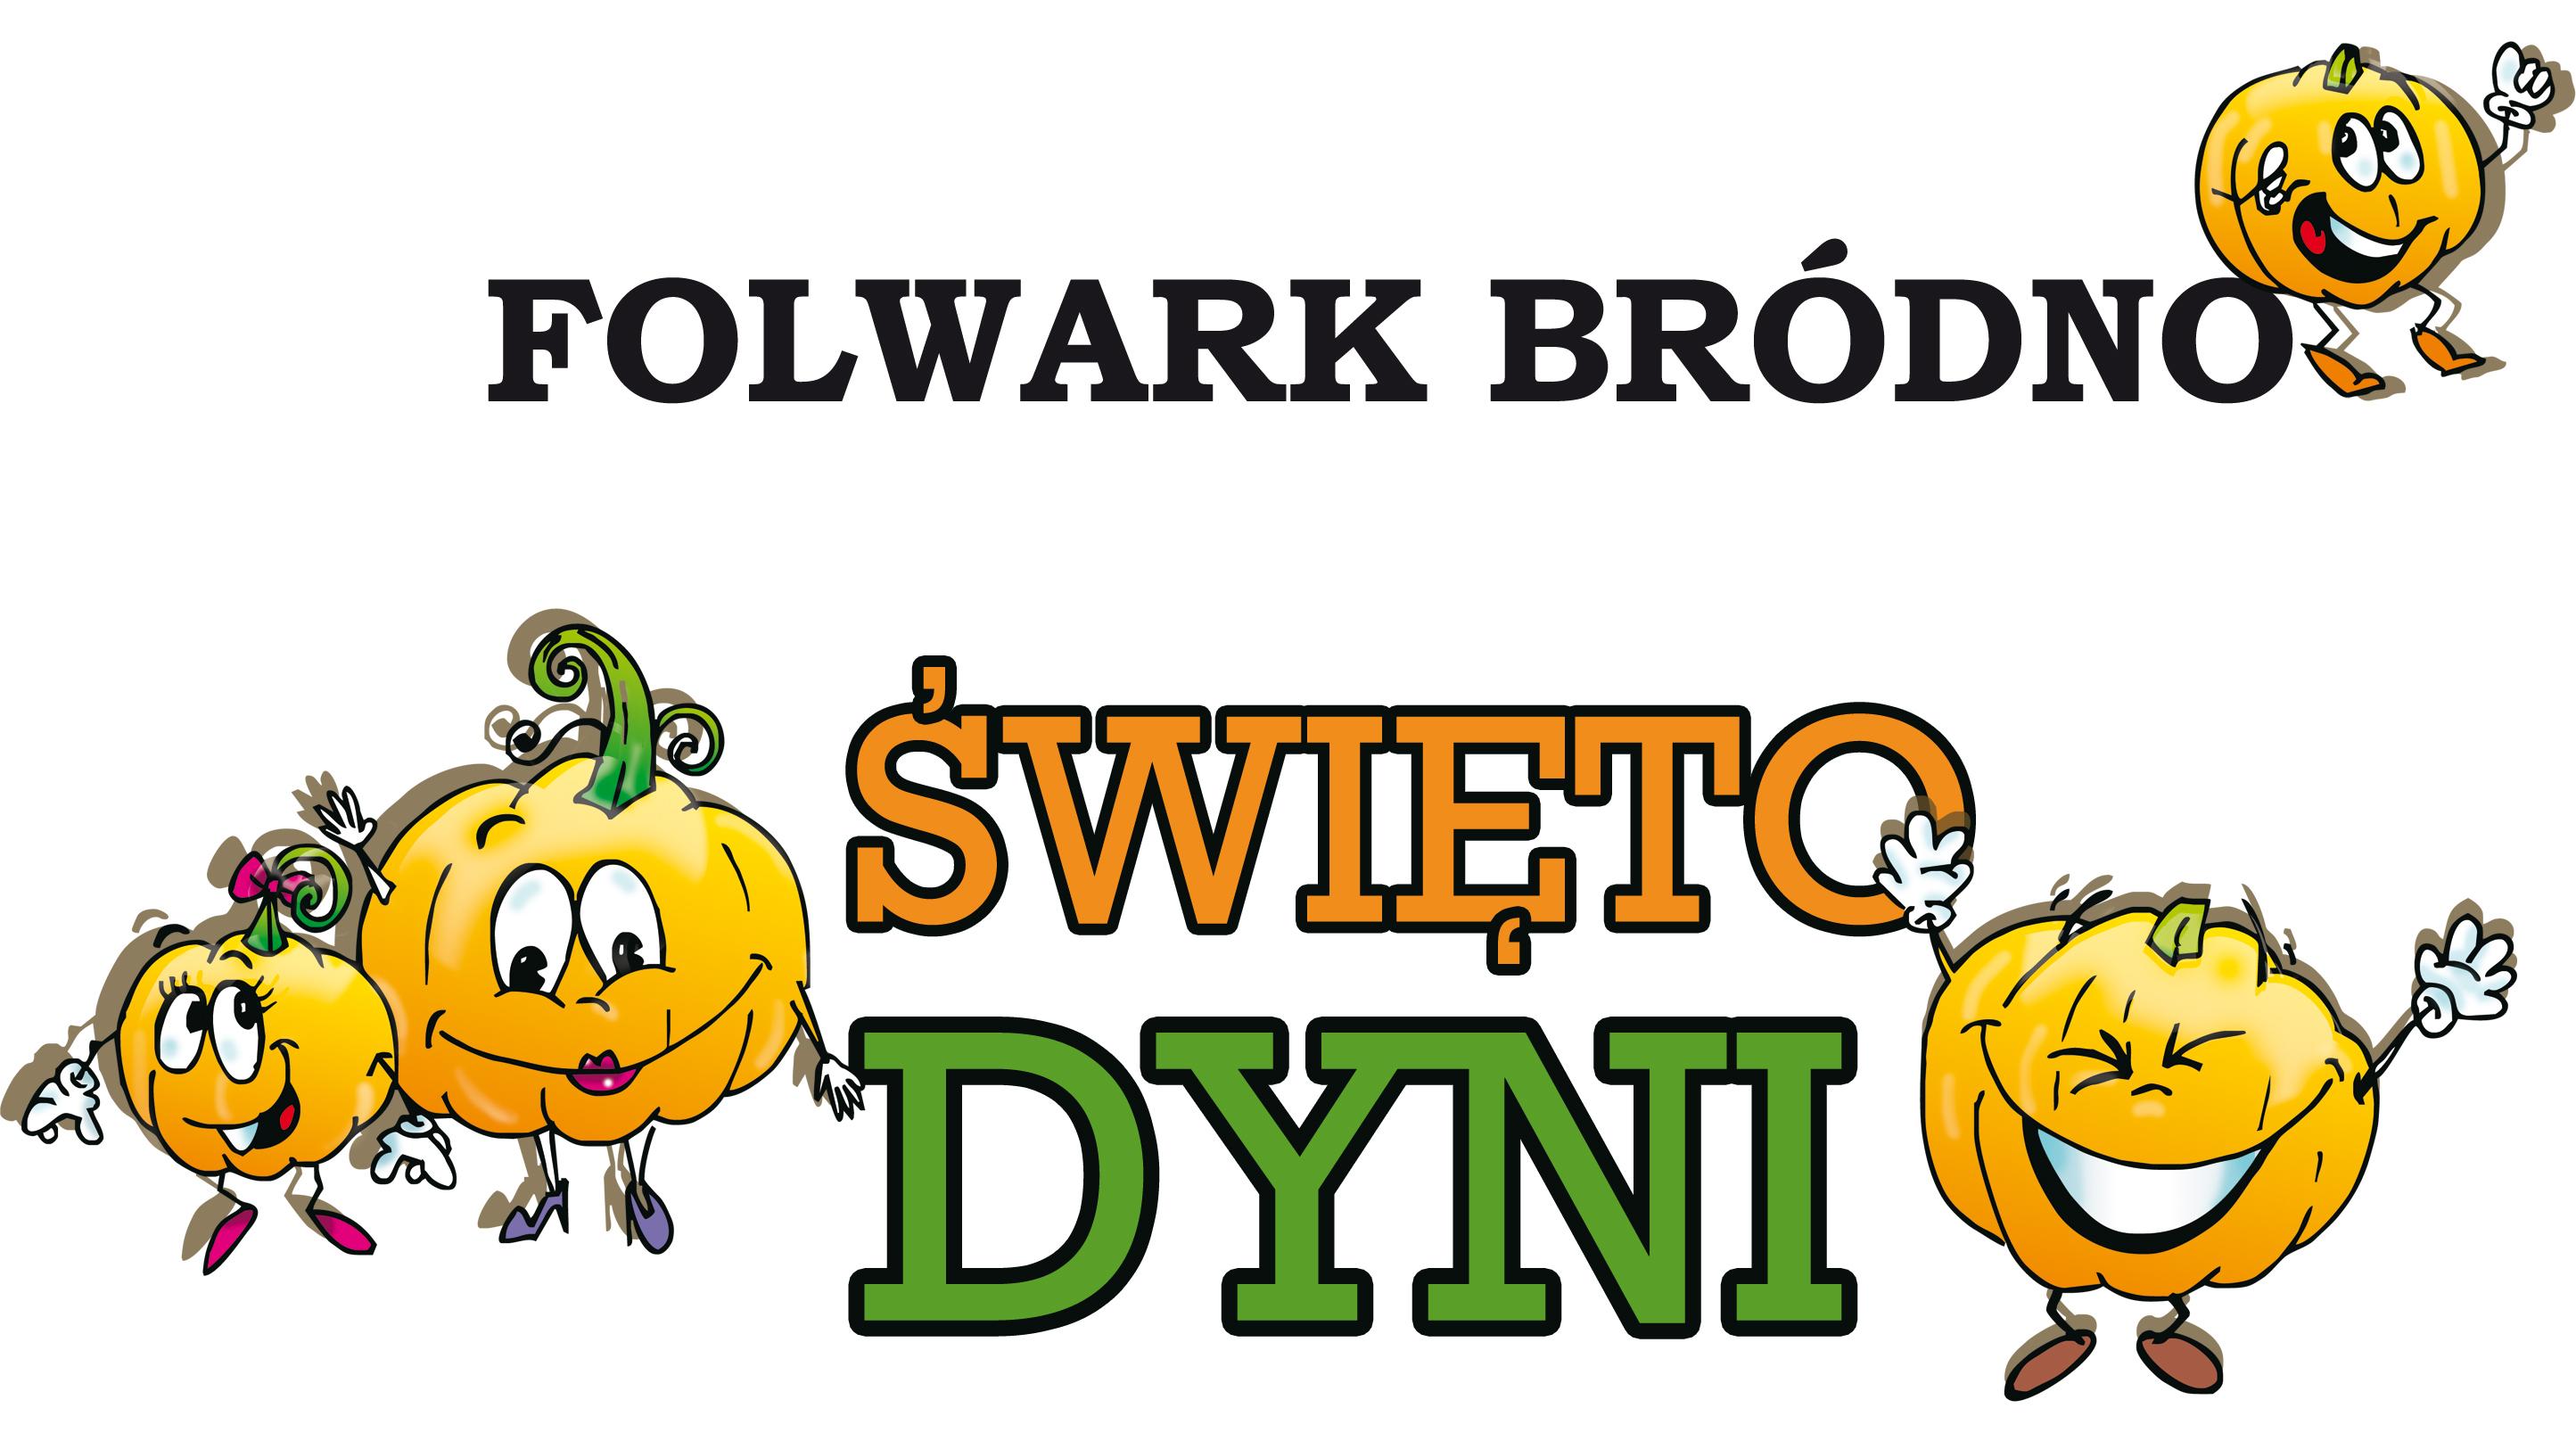 http://pgrbrodno.pl/folwark/wp-content/uploads/2014/10/dyniowa-rodzinka-ok.jpg